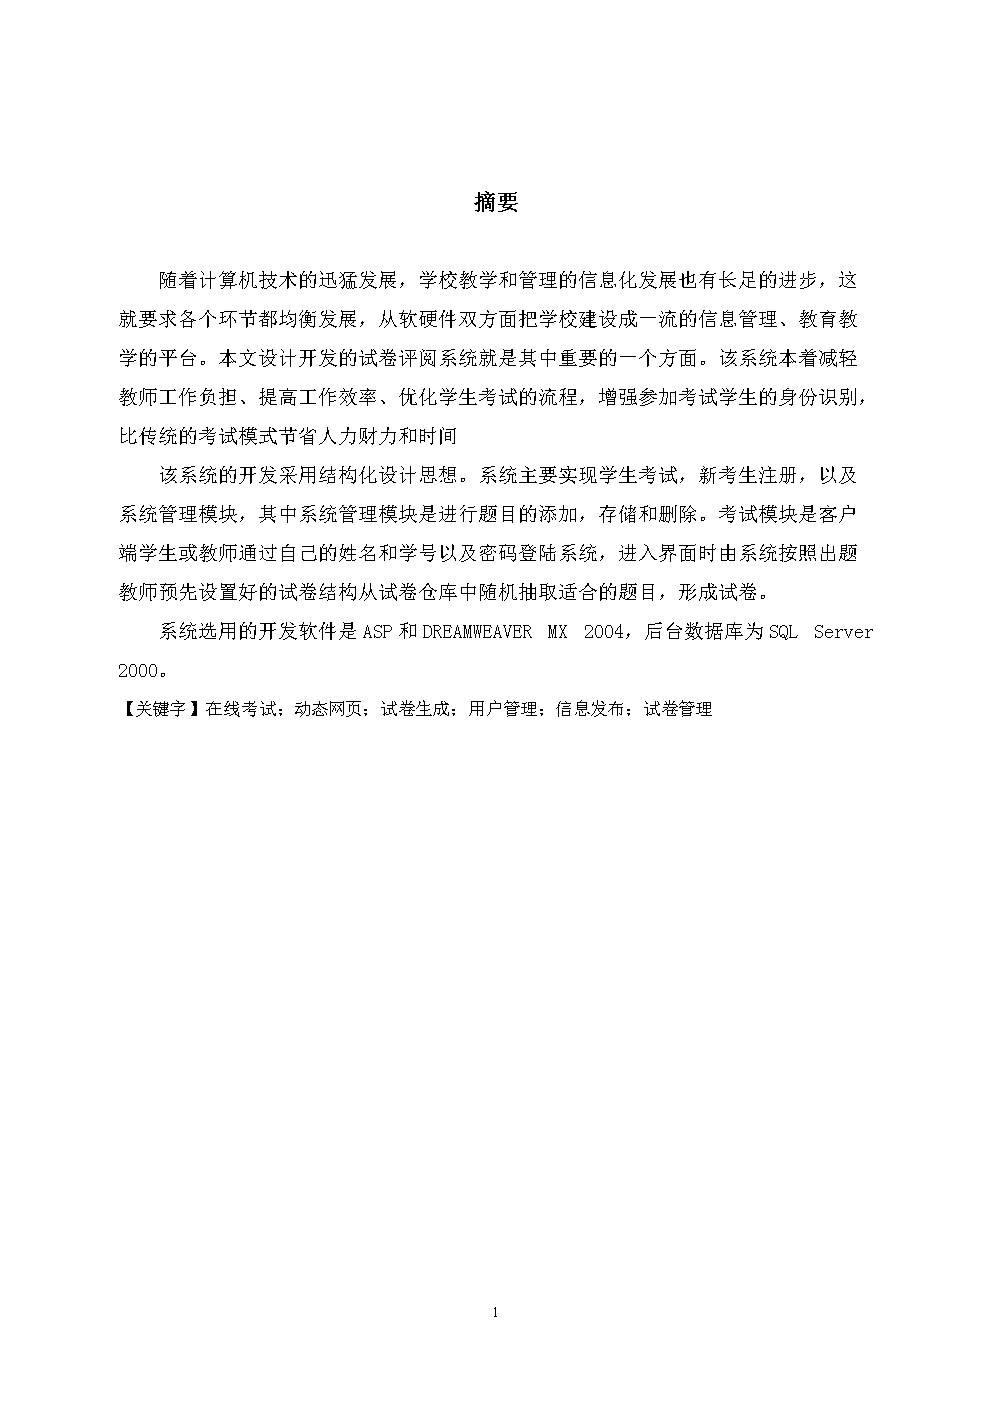 关于教育学原理的论文_2009年浙江大学教育史专业博士学位论文 中国近代教育学原理的知识演进 以文本为线索